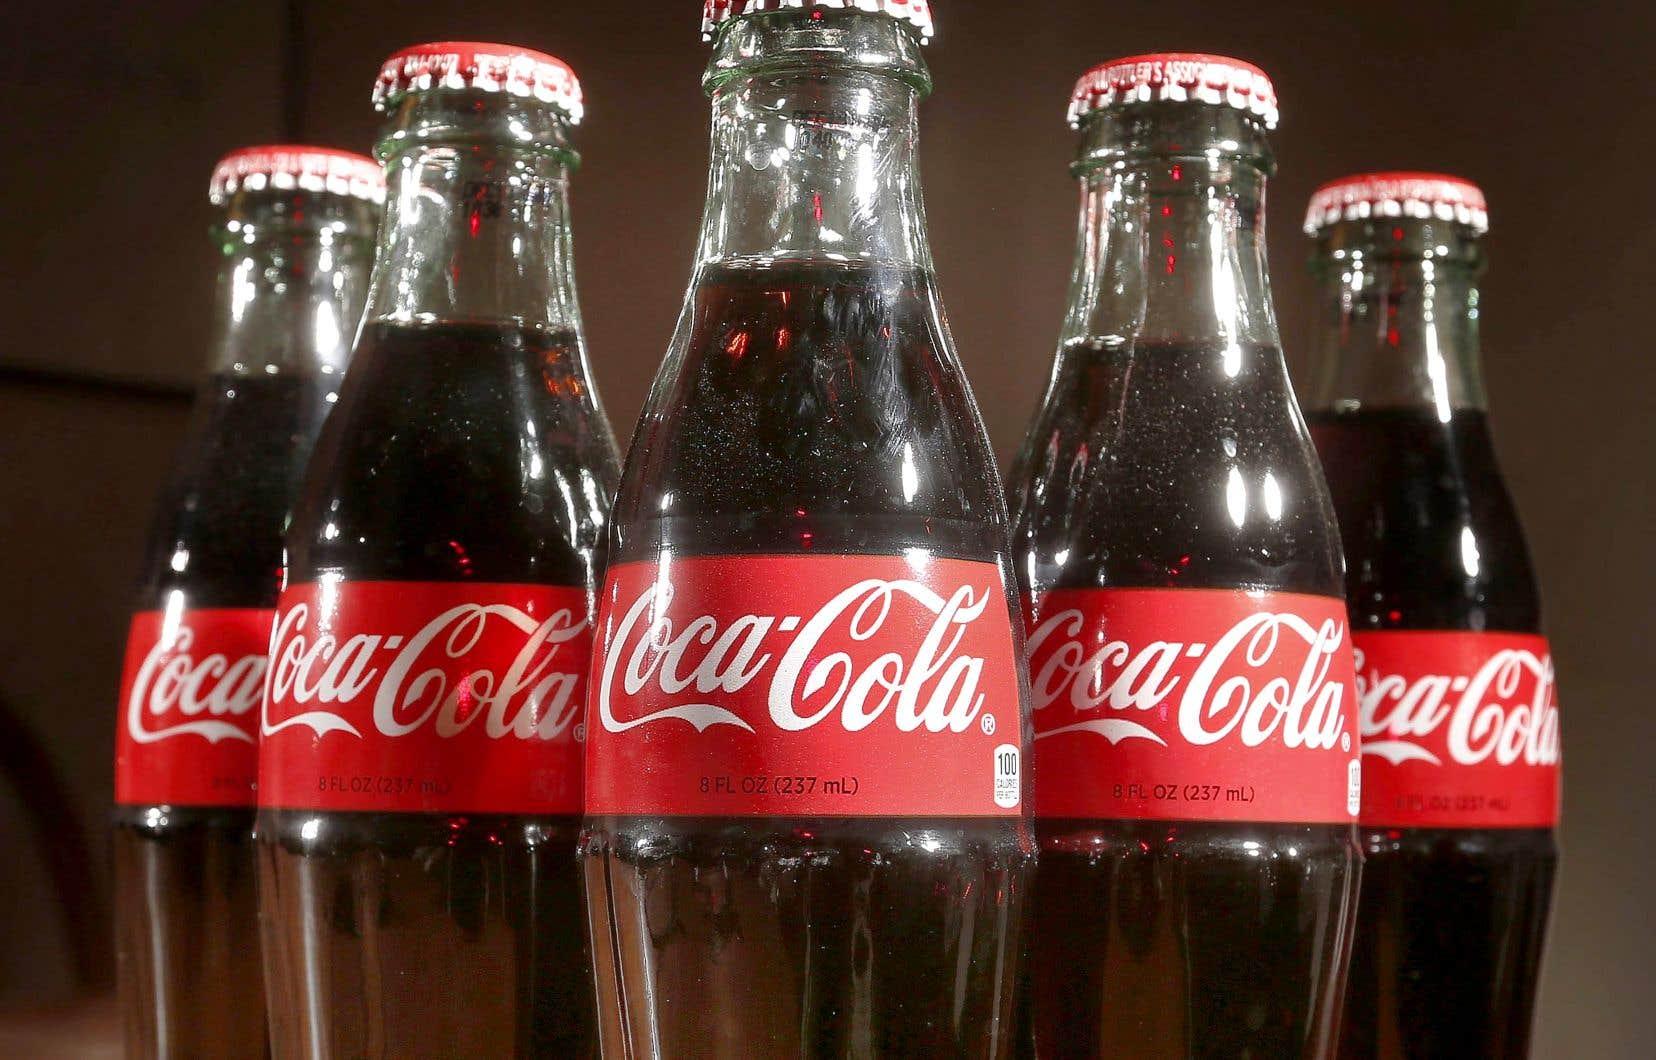 Des clauses donnant droit à Coca-Cola de stopper en tout temps certaines recherches ou de supprimer «des informations de santé critiques» à son égard ont été révélées dans des ententes de financement signées avec des universités.